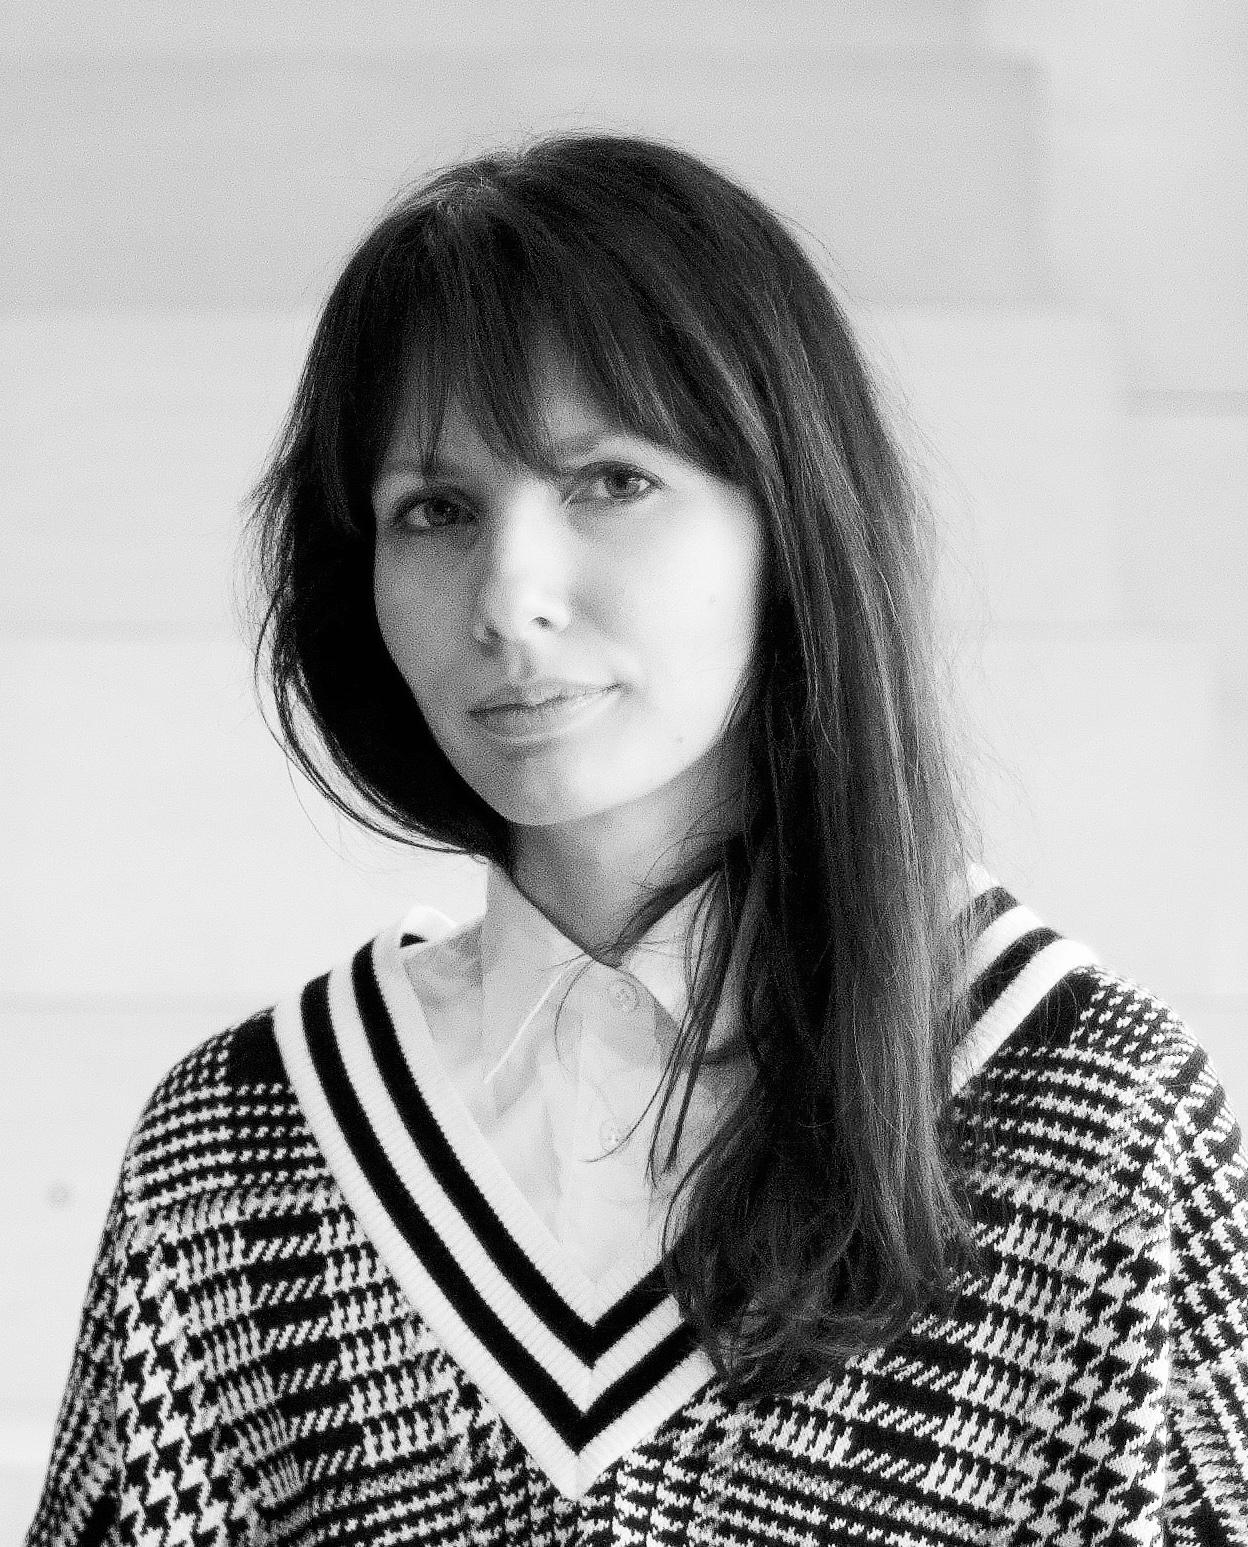 Александра Дашкевич, ANDdesign